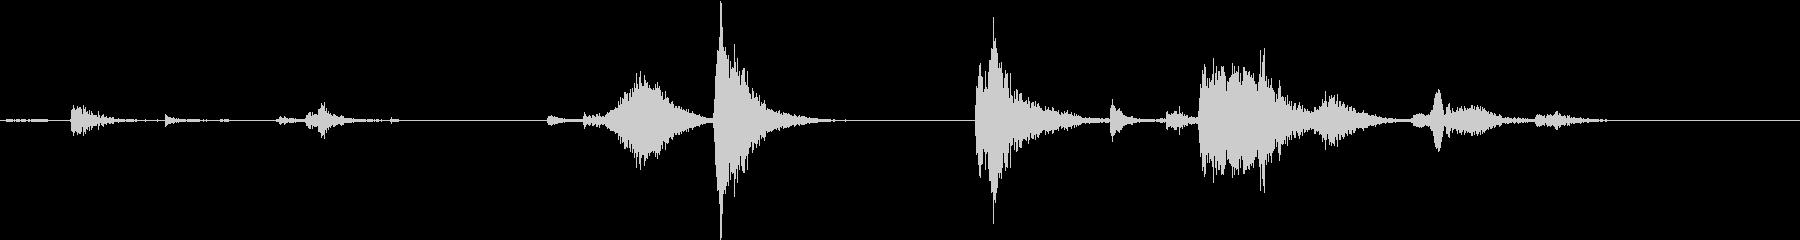 【生録音】自動販売機から飲み物を取る音の未再生の波形